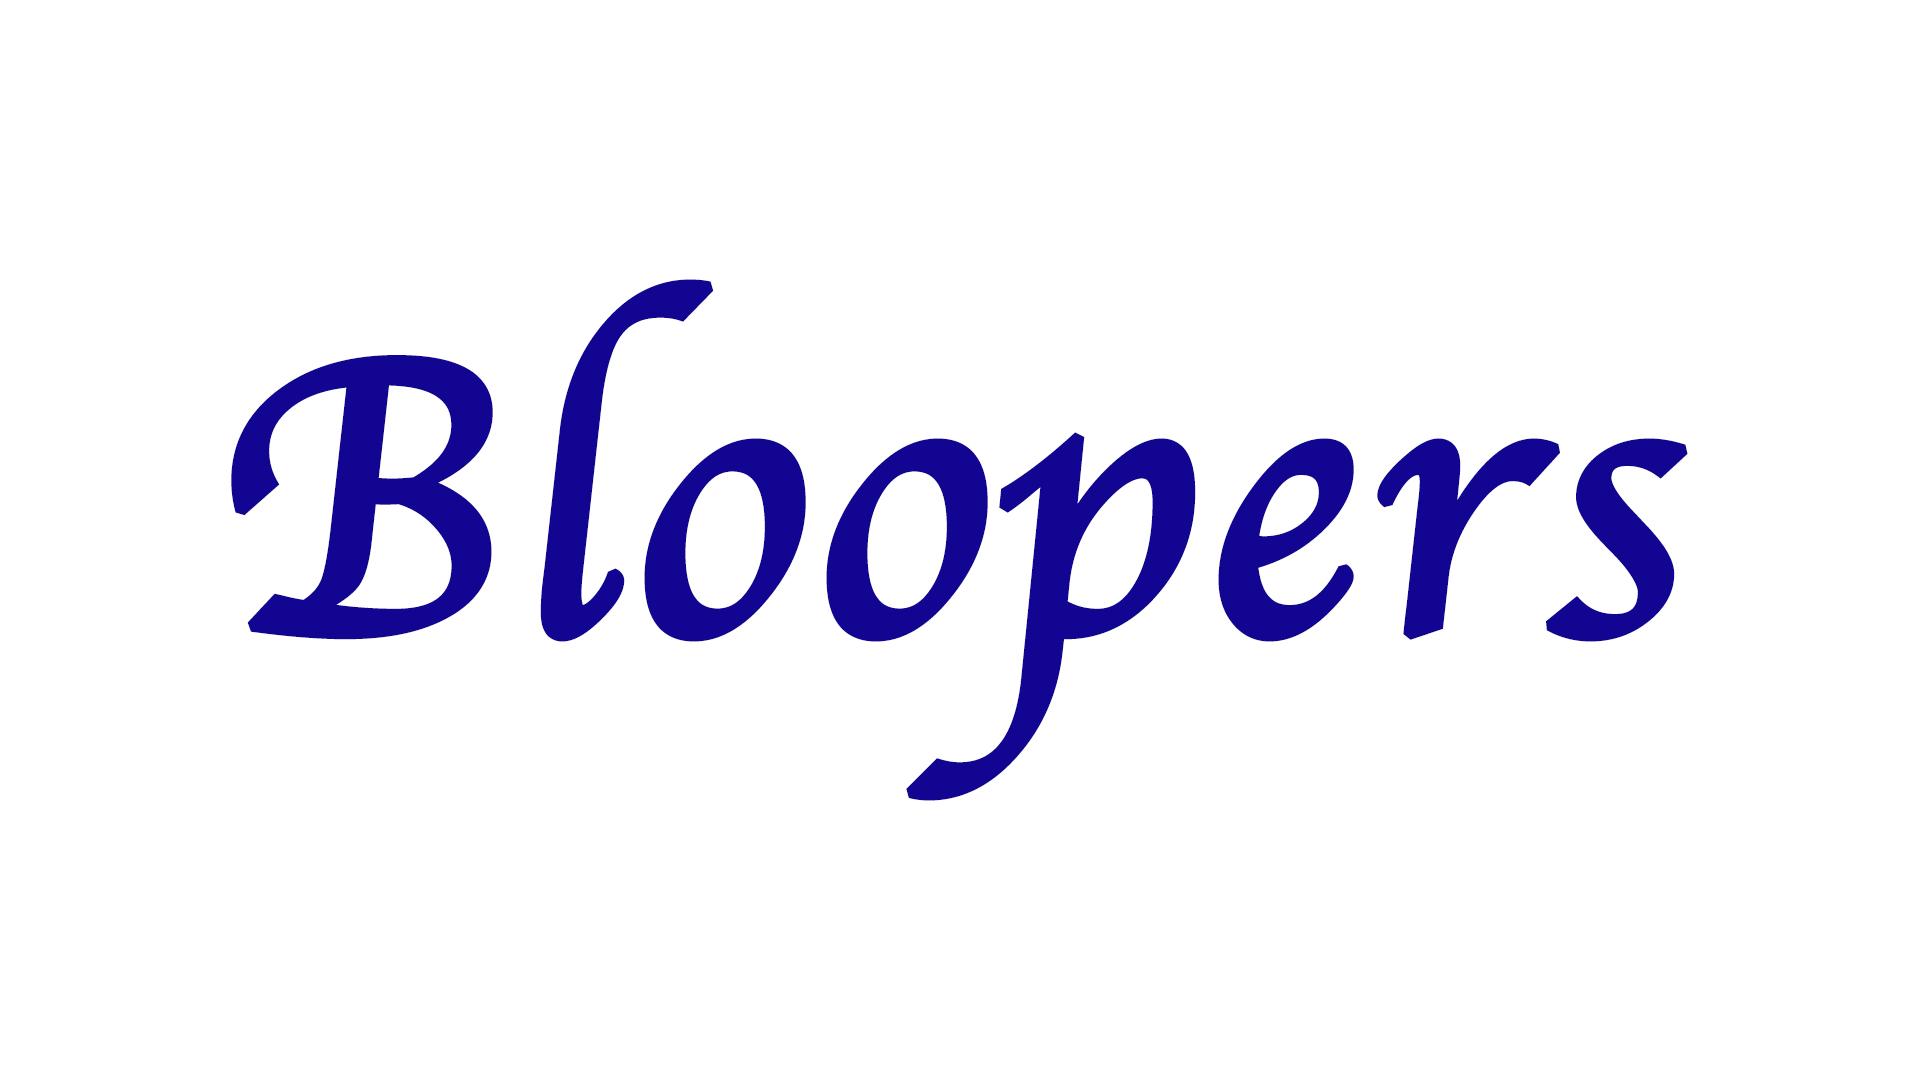 bloopers.com